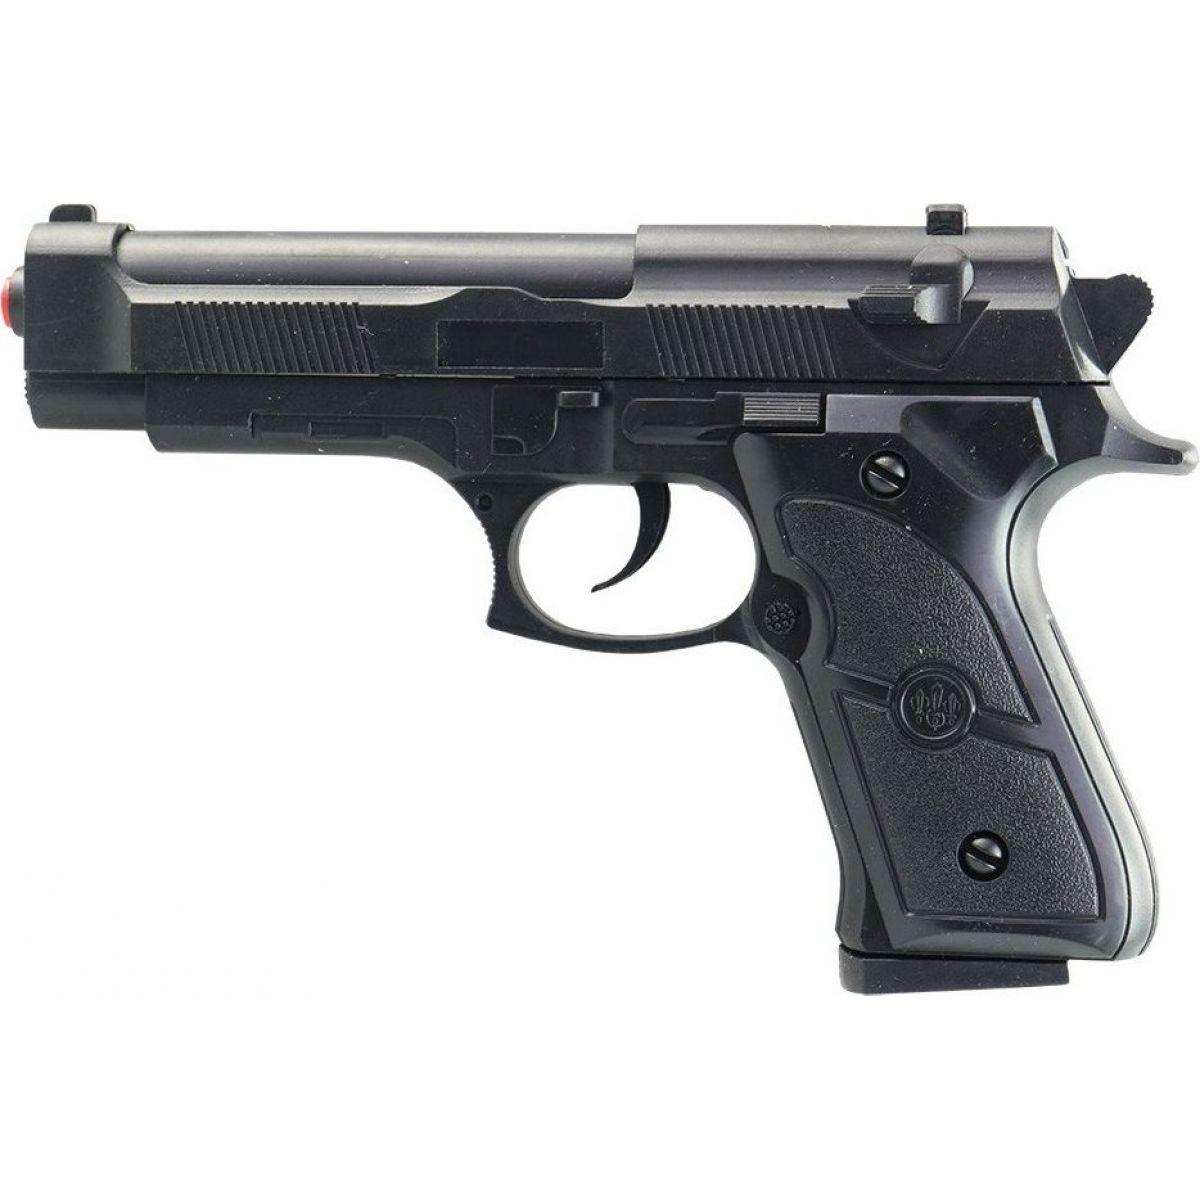 Made Pistolka na kartě s náhradními kuličkami 18 cm